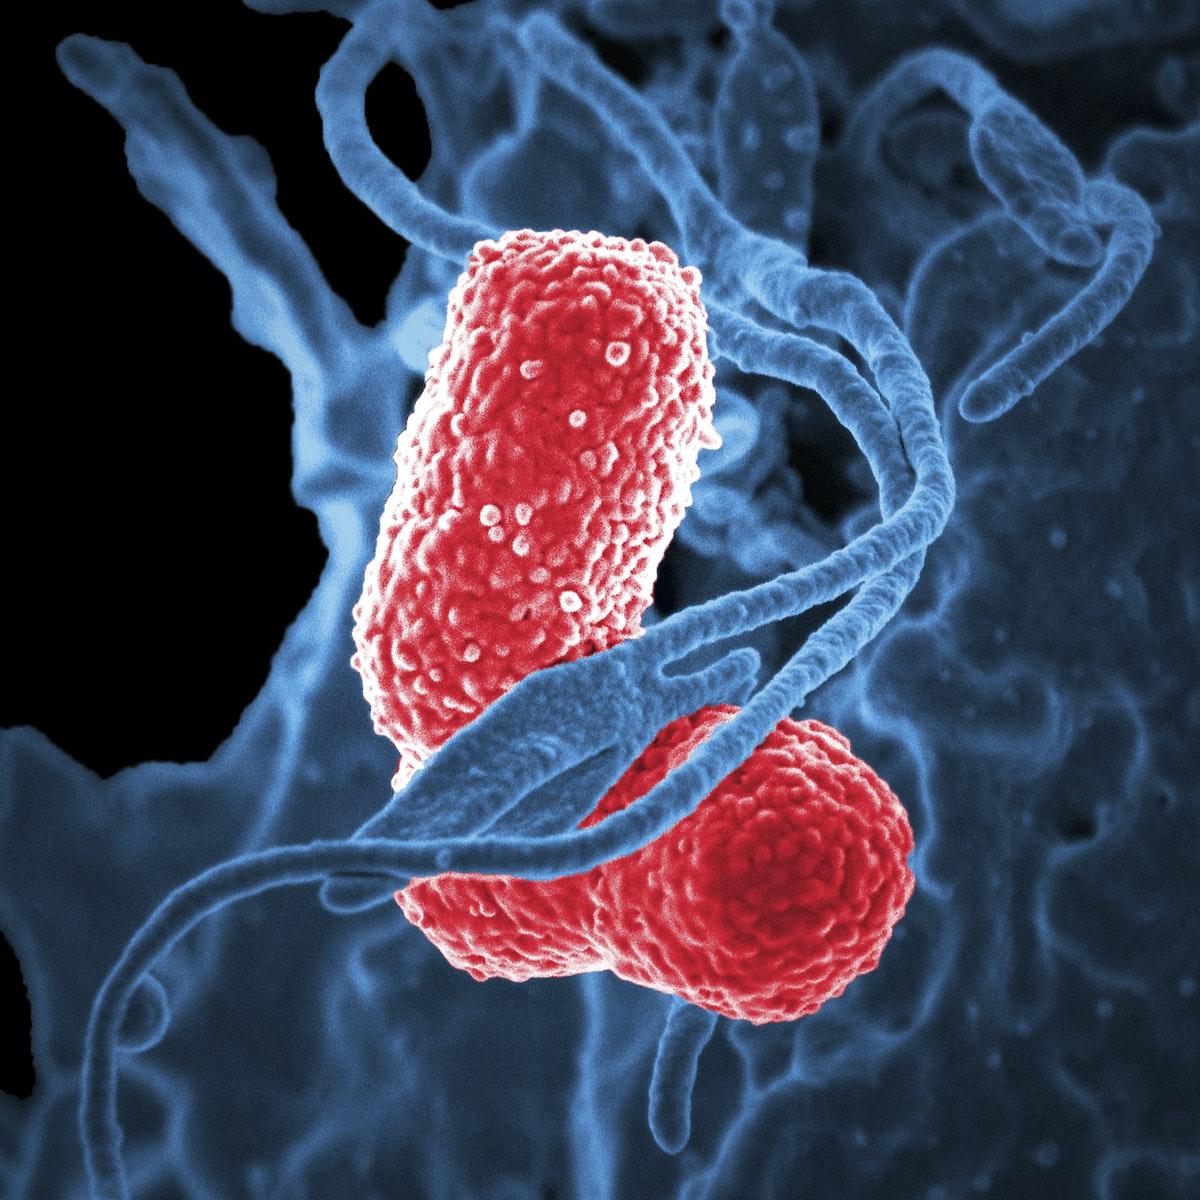 observation au microscope d'un virus dans le corps humain